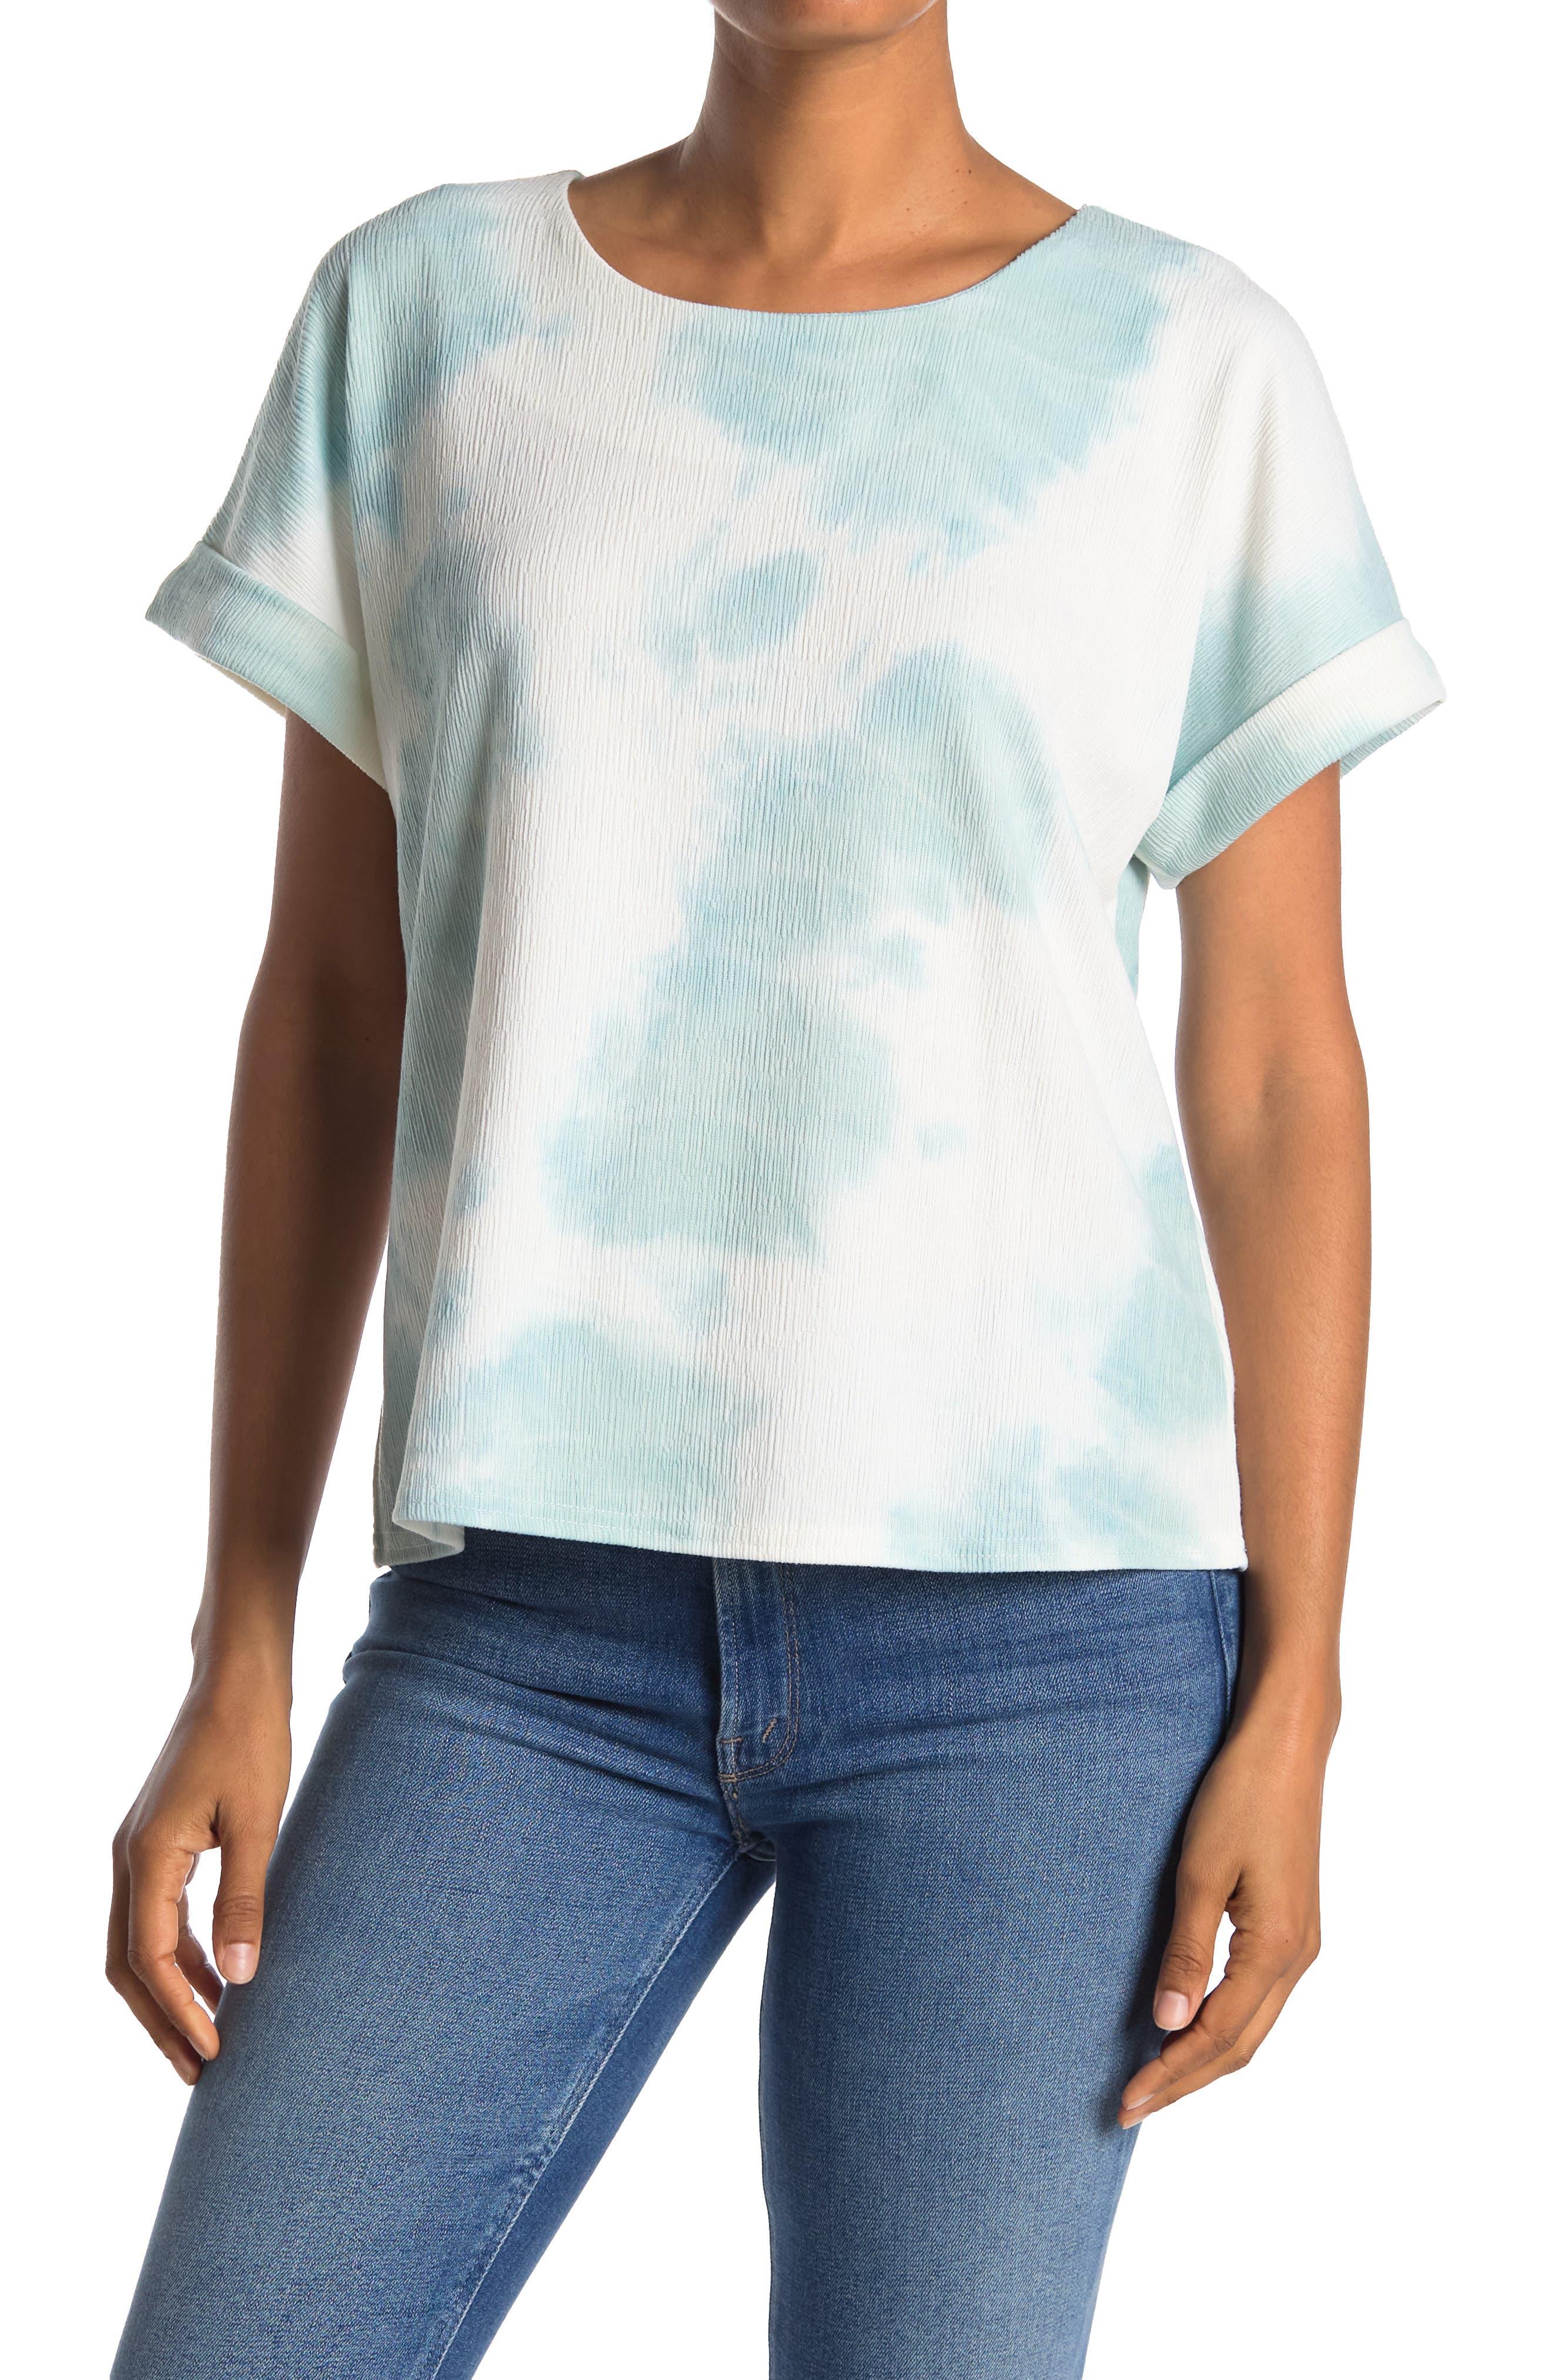 Melloday Textured Short Sleeve Knit Shirt In Light/pastel Green3